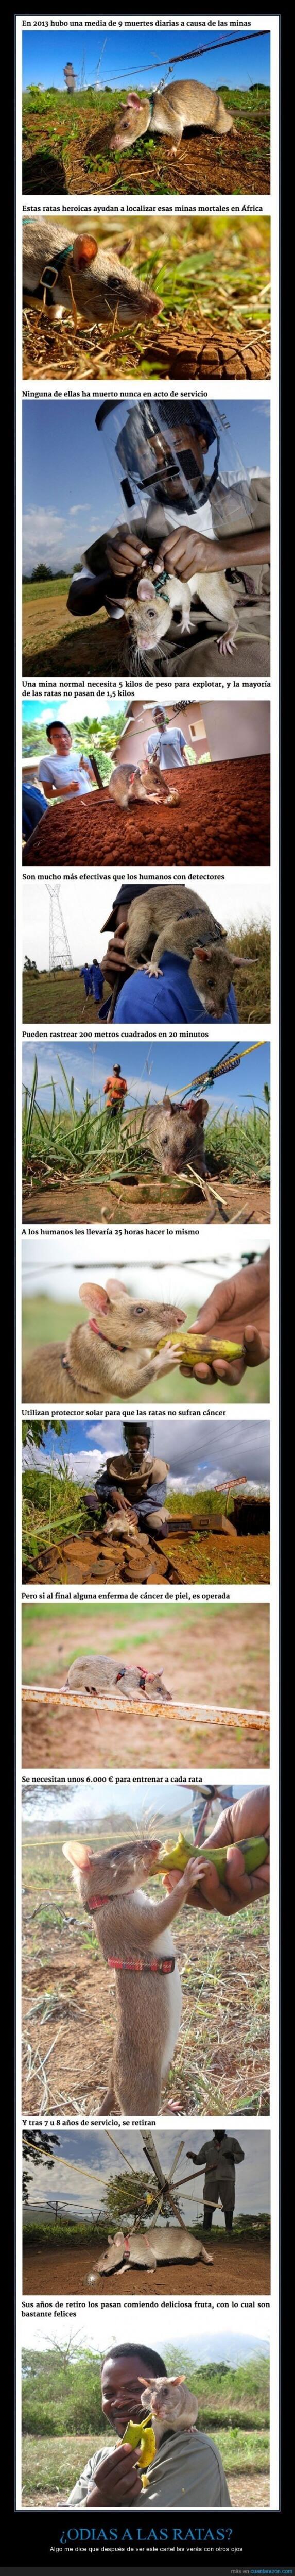 Esto hara que veas con otros ojos a las ratas